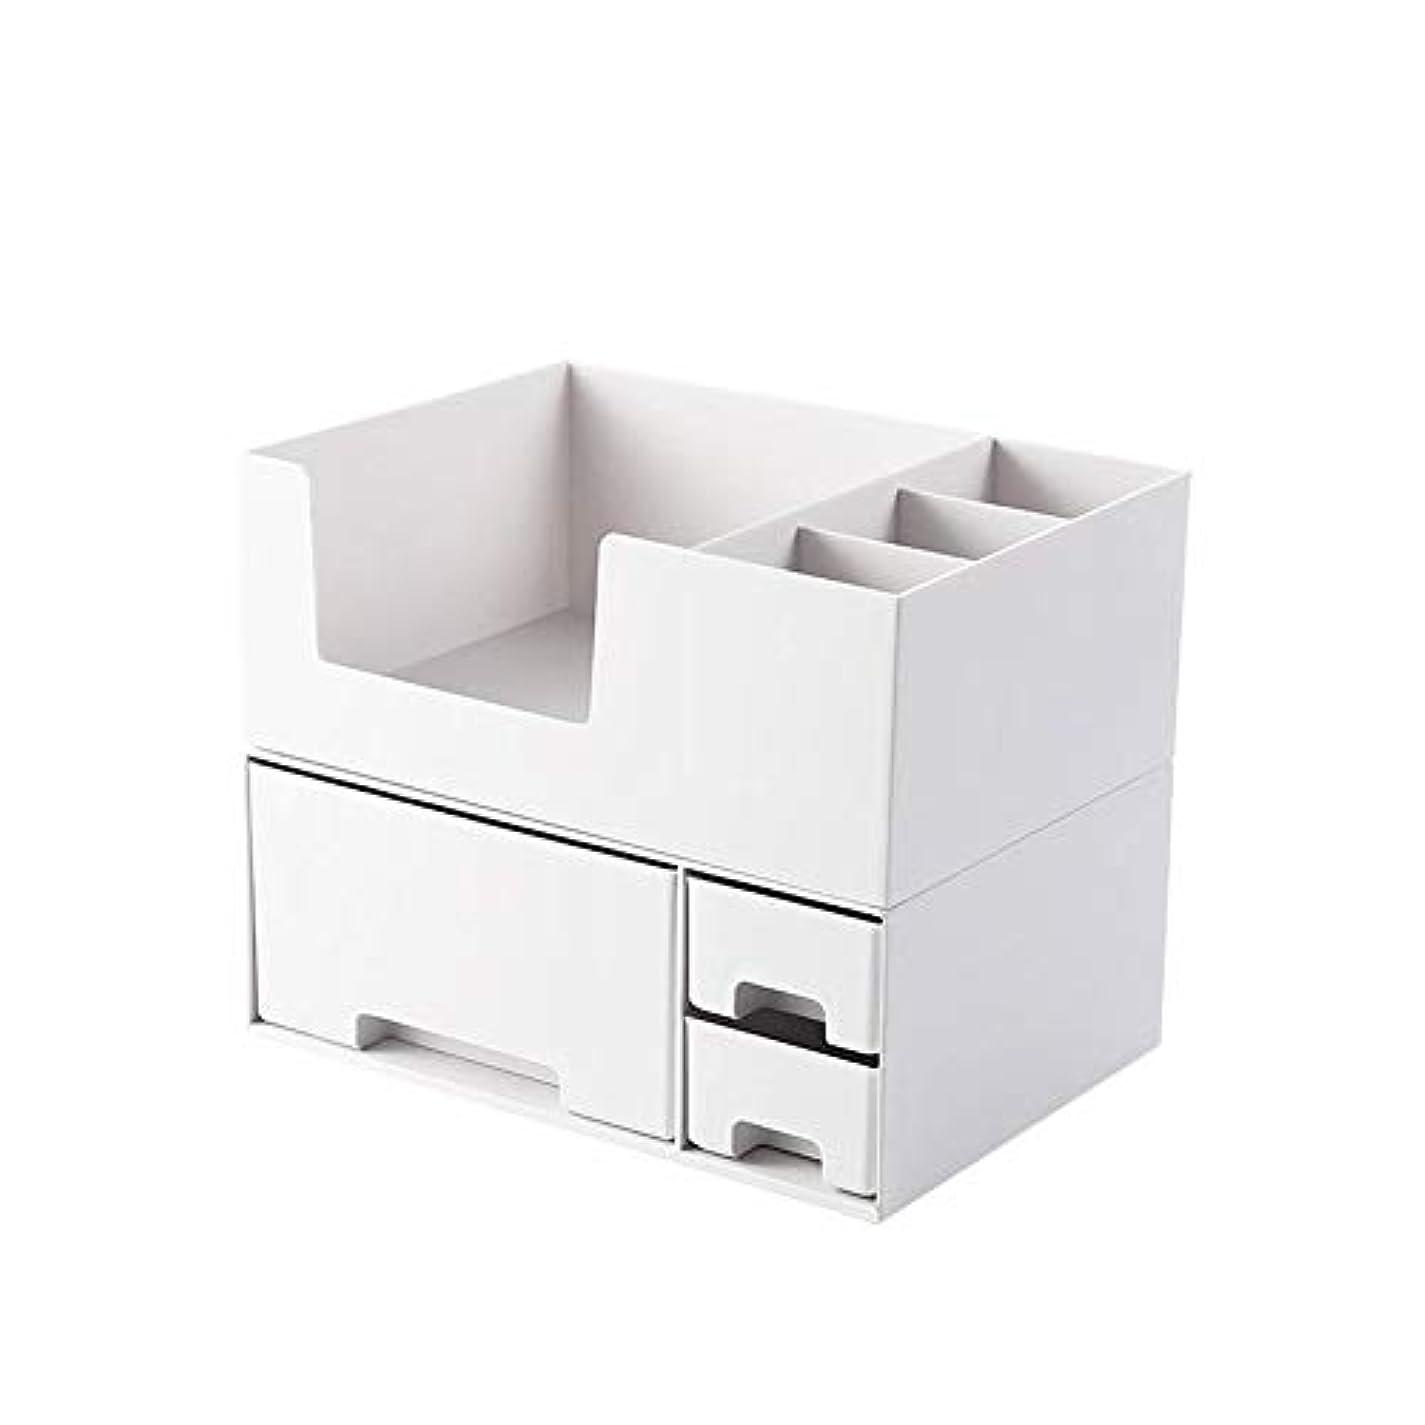 支配する露出度の高い未来Bostar 化粧品収納ボックス メイクボックス コスメケース 引き出し 小物入れ 収納ケース 整理簡単 北欧 おしゃれ ホワイト